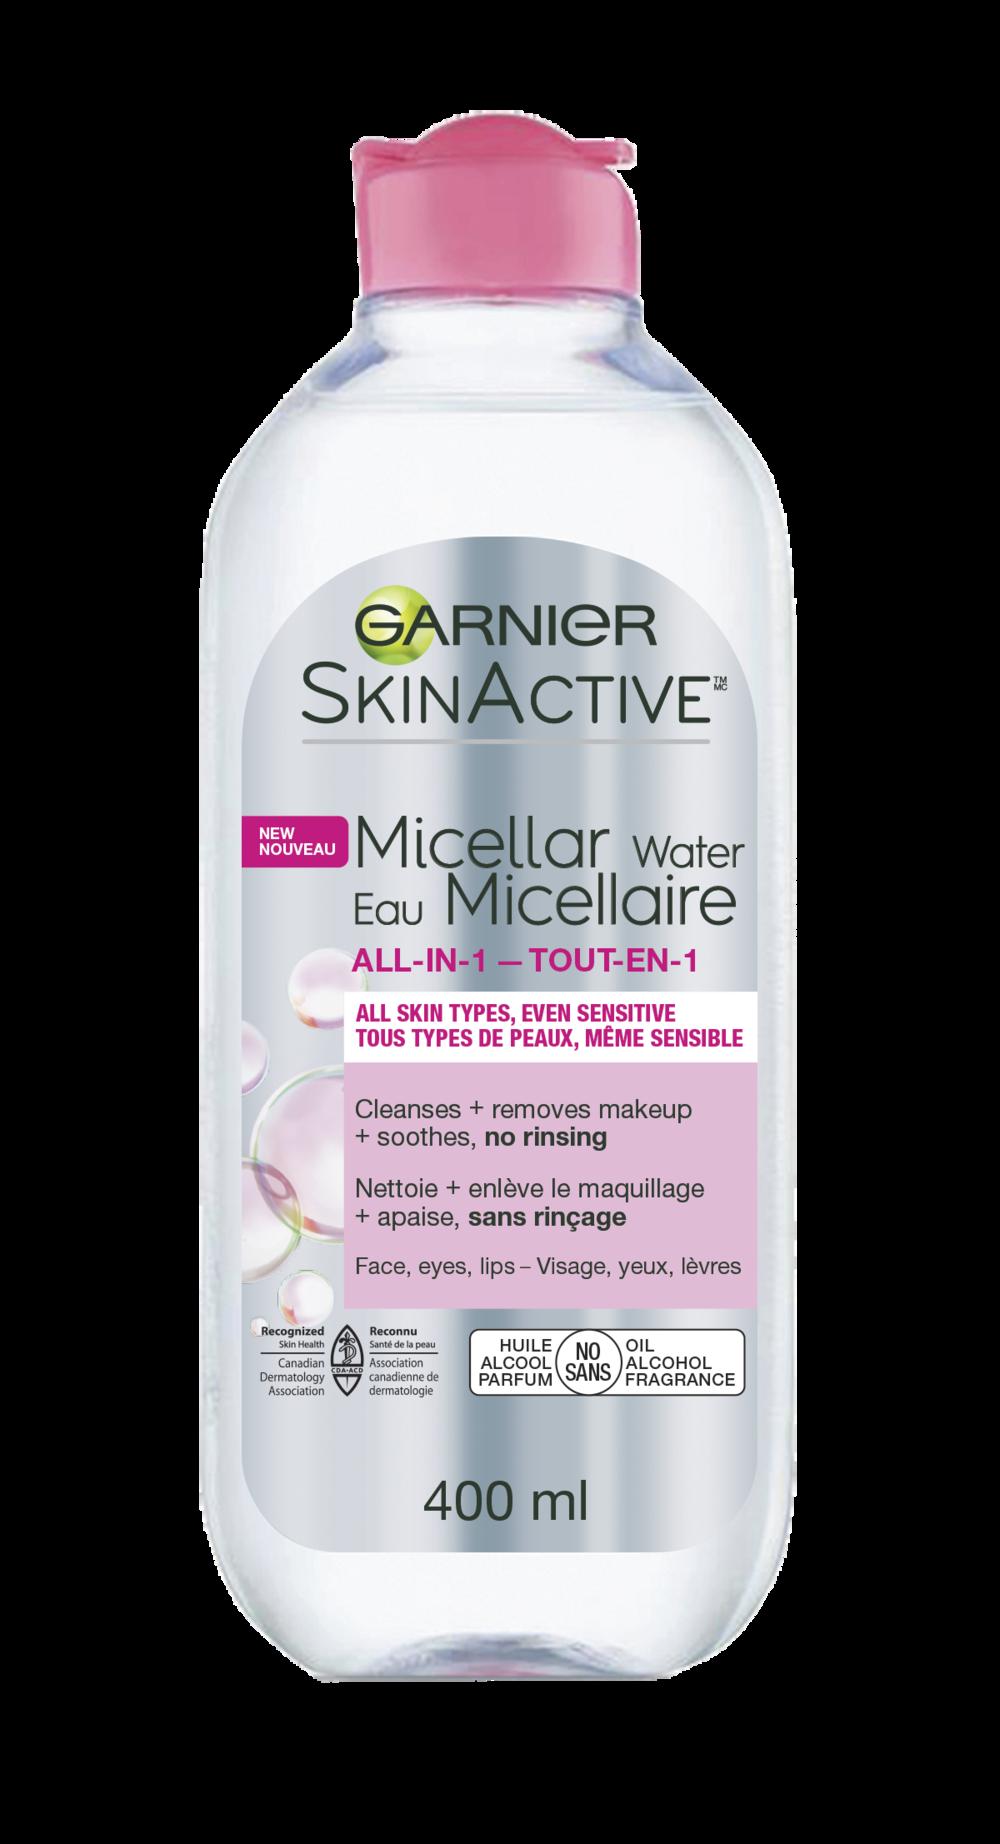 Garnier Skin Active Micellar Water